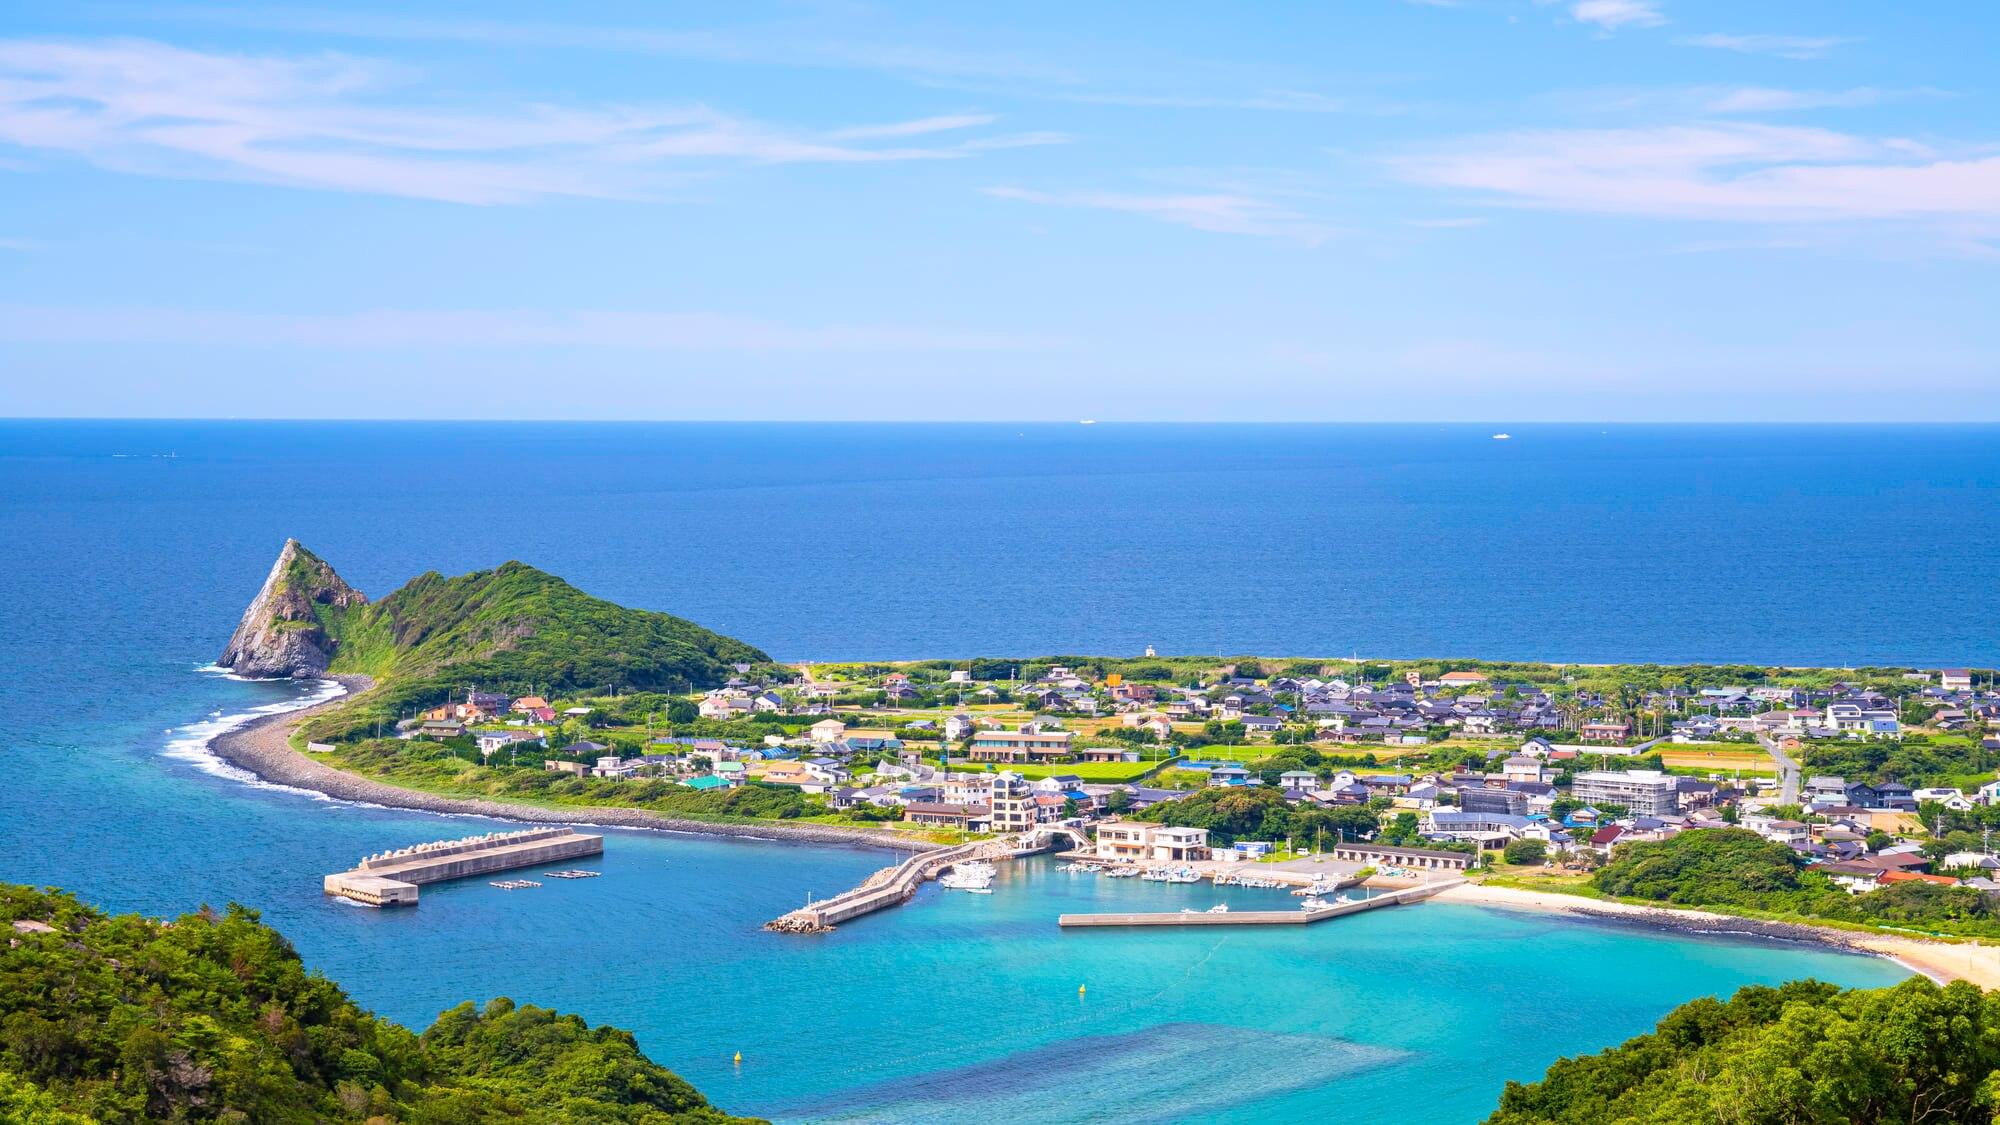 糸島市のおすすめ観光スポット22選!博多からすぐの「福岡の湘南」を旅しよう